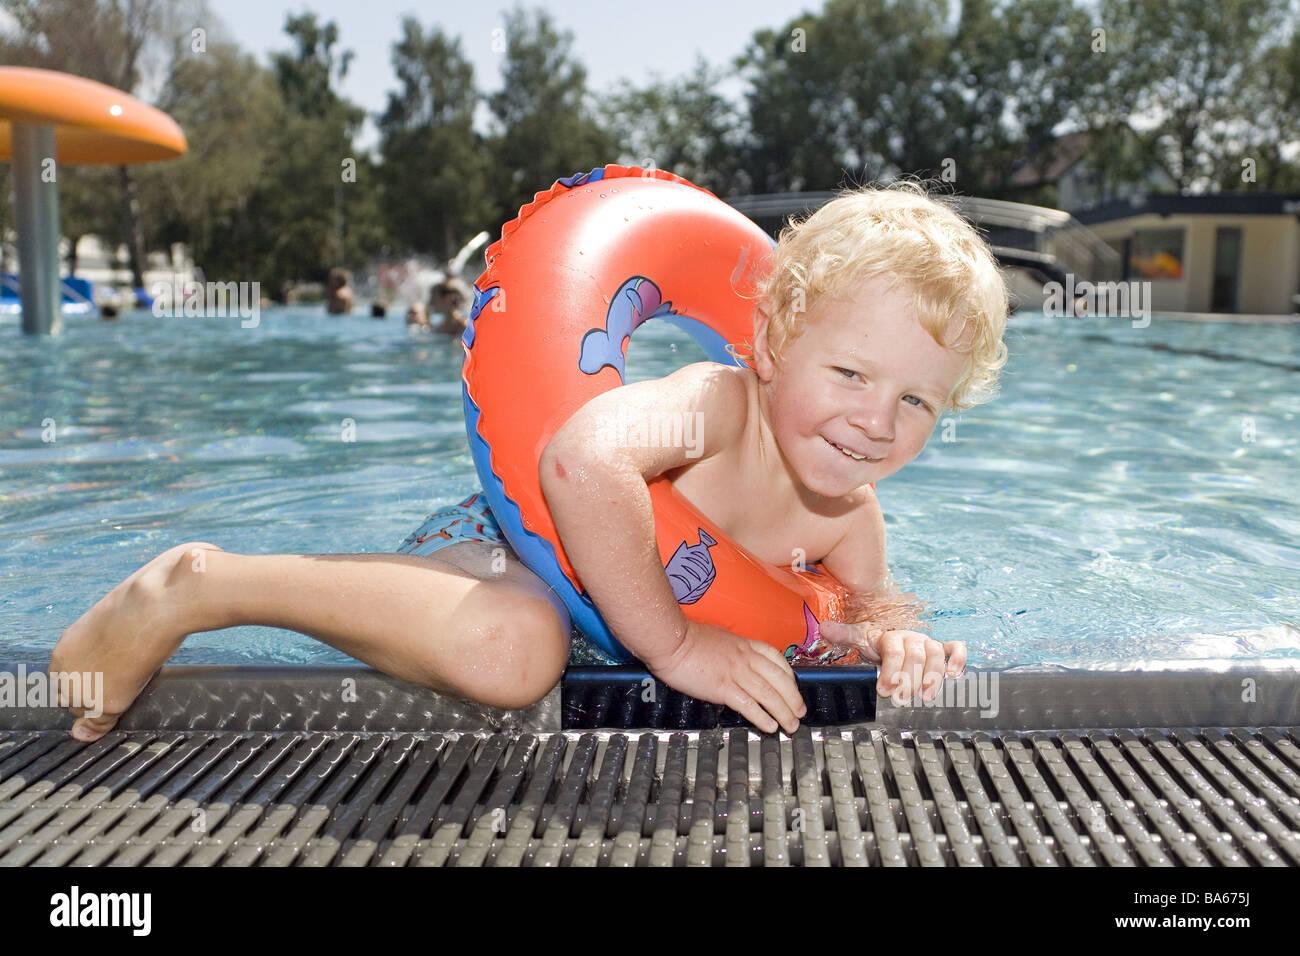 eae17ccd5 Parir neumáticos de natación piscina de borde de cuenca fuera sube gente niño  niño 3-5 años rubia sonríe feliz infancia